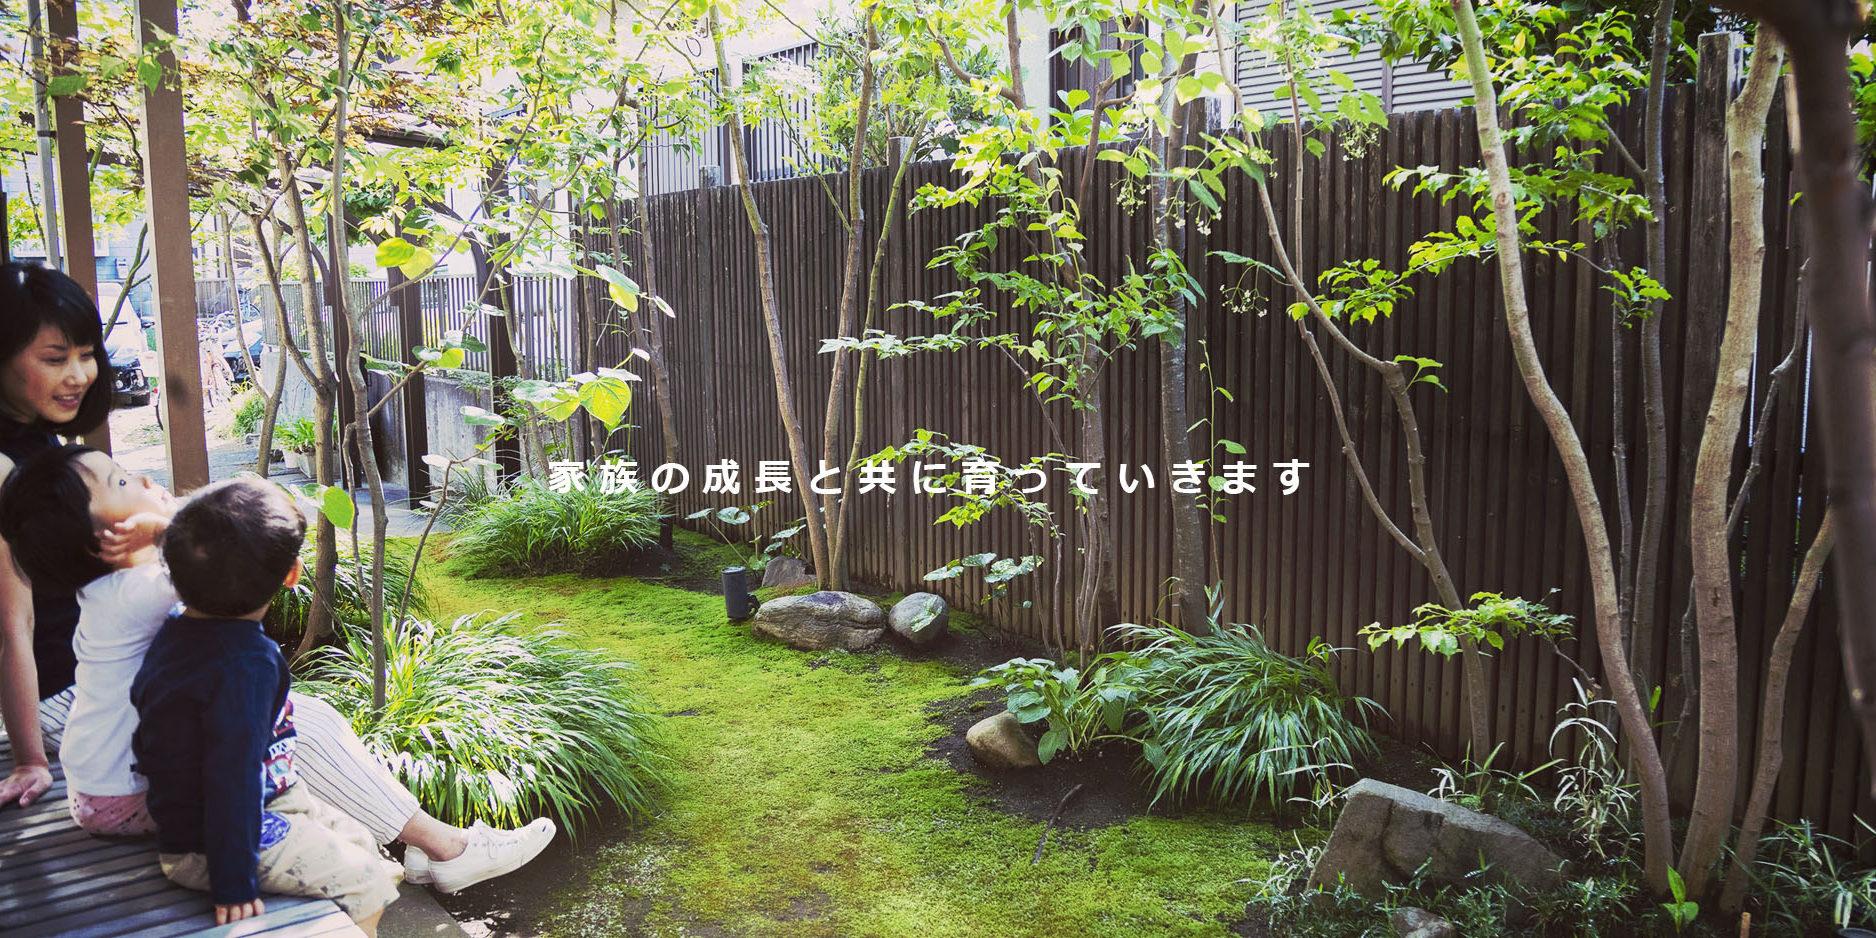 雑木の庭 雑木 造園 埼玉  上尾市